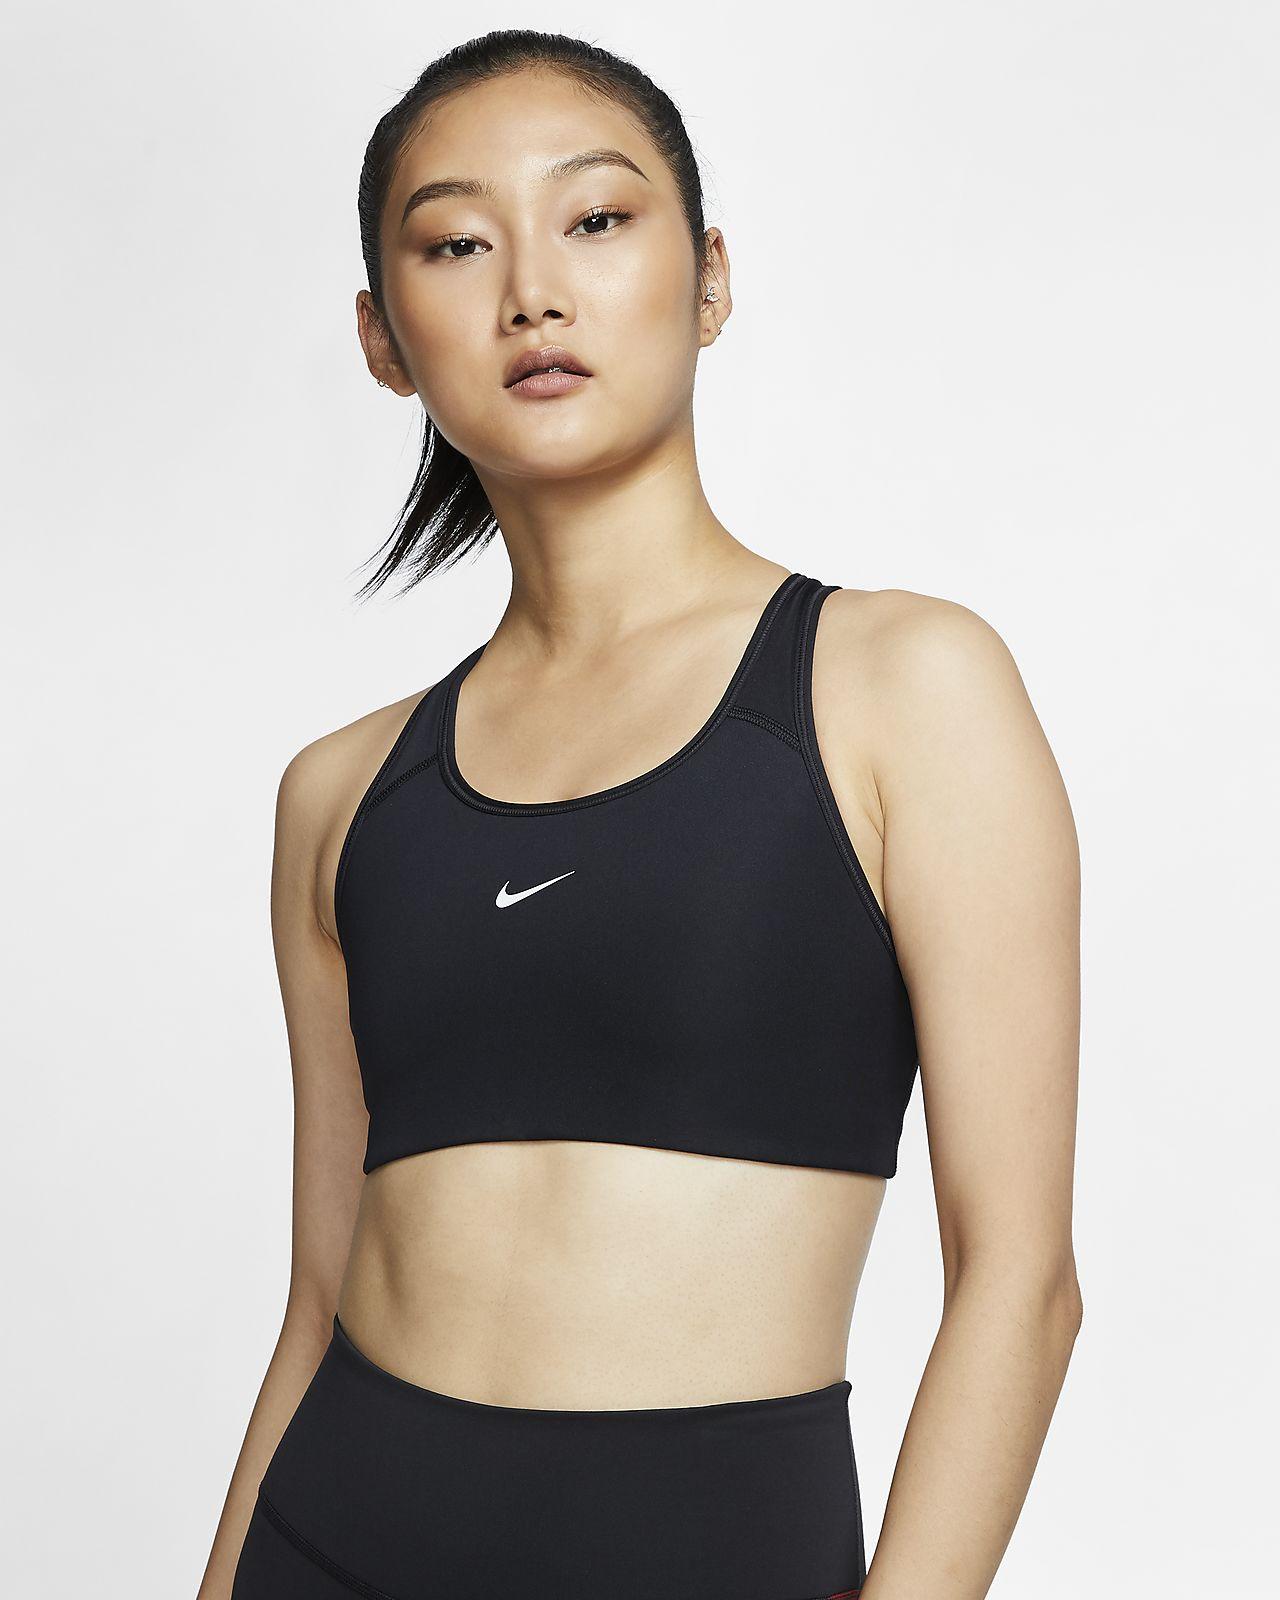 Nike Swoosh Sujetador deportivo de sujeción media con almohadilla de una sola pieza - Mujer